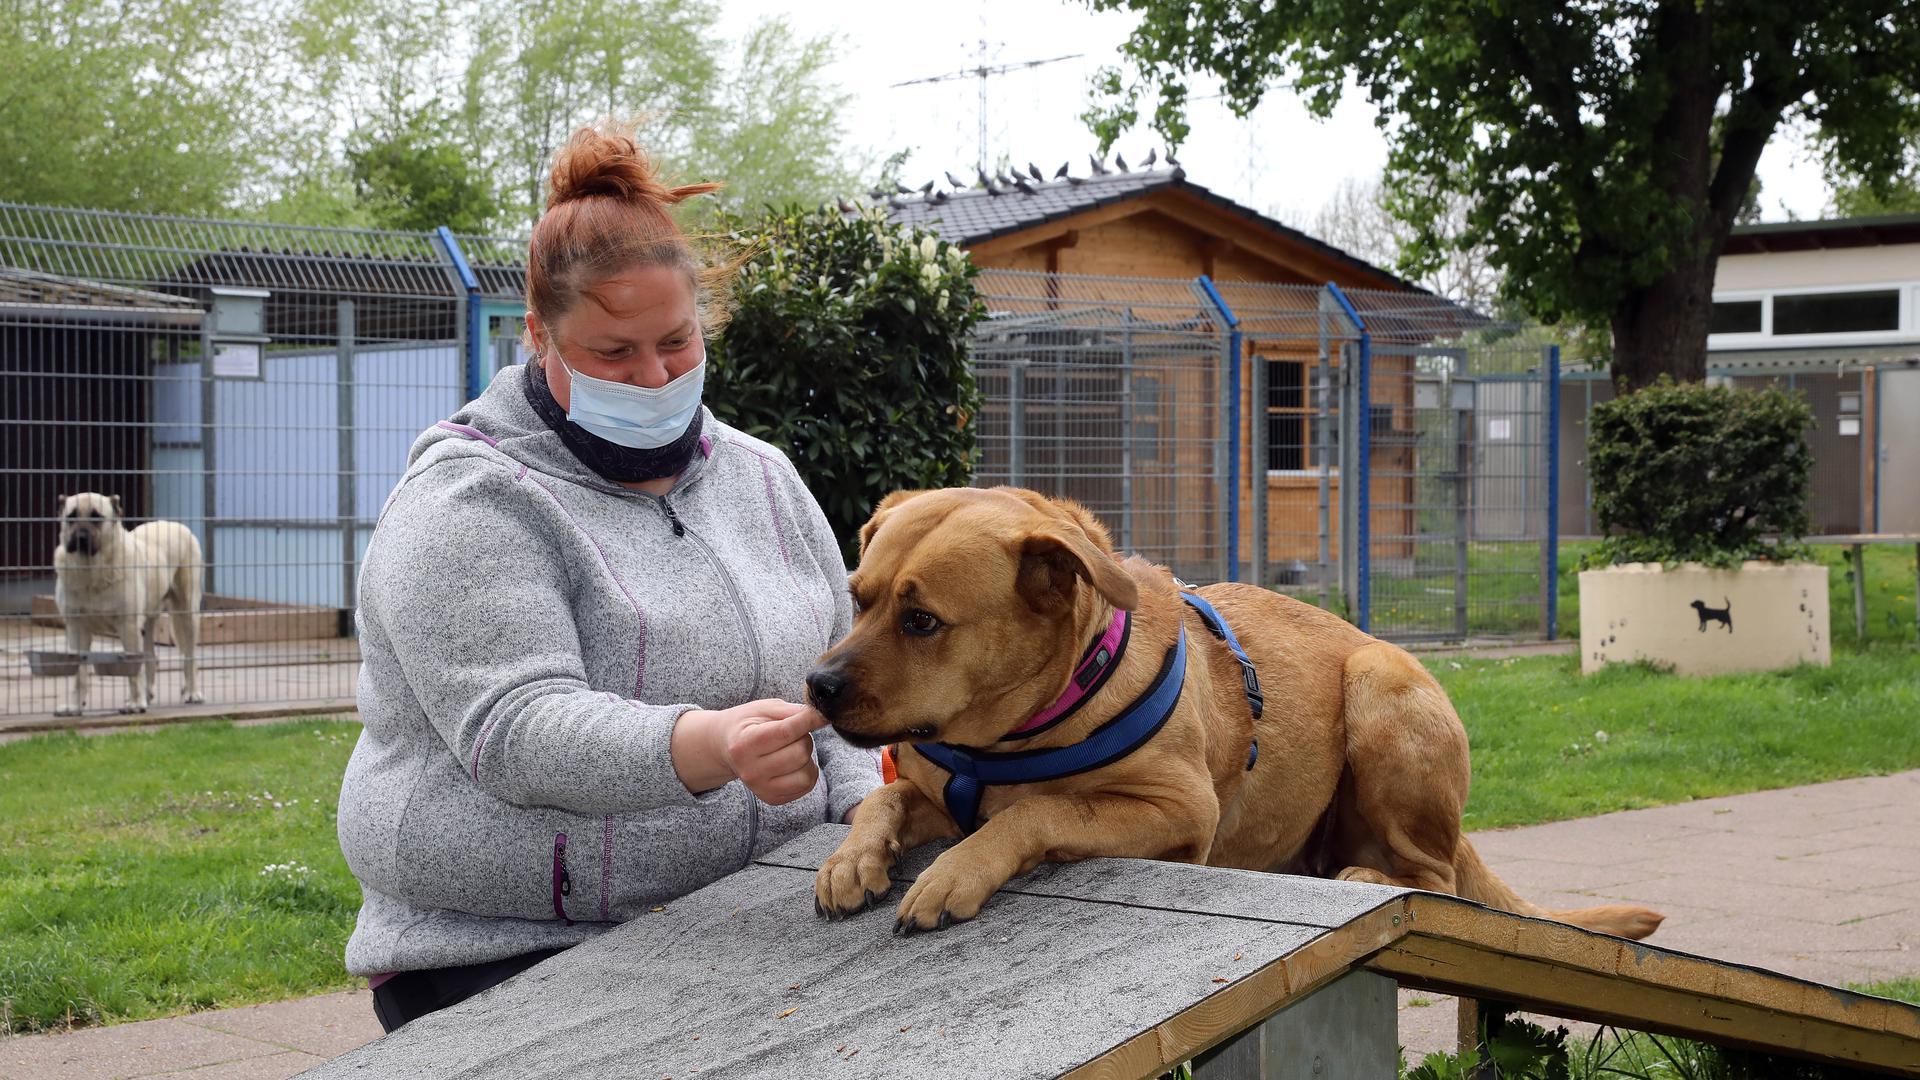 Frau steht neben einem Hund